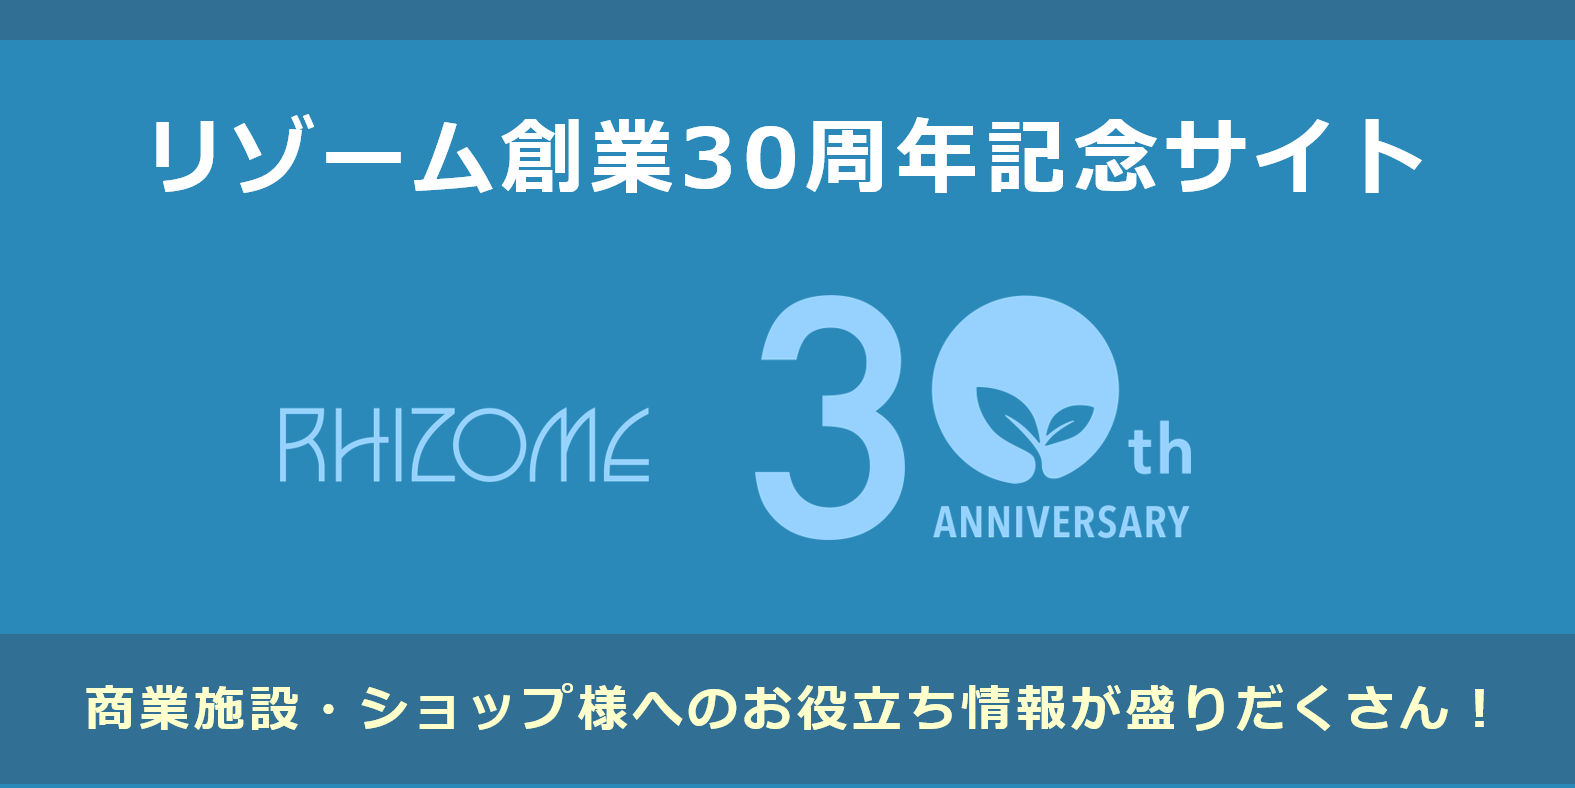 リゾーム創業30周年記念サイト